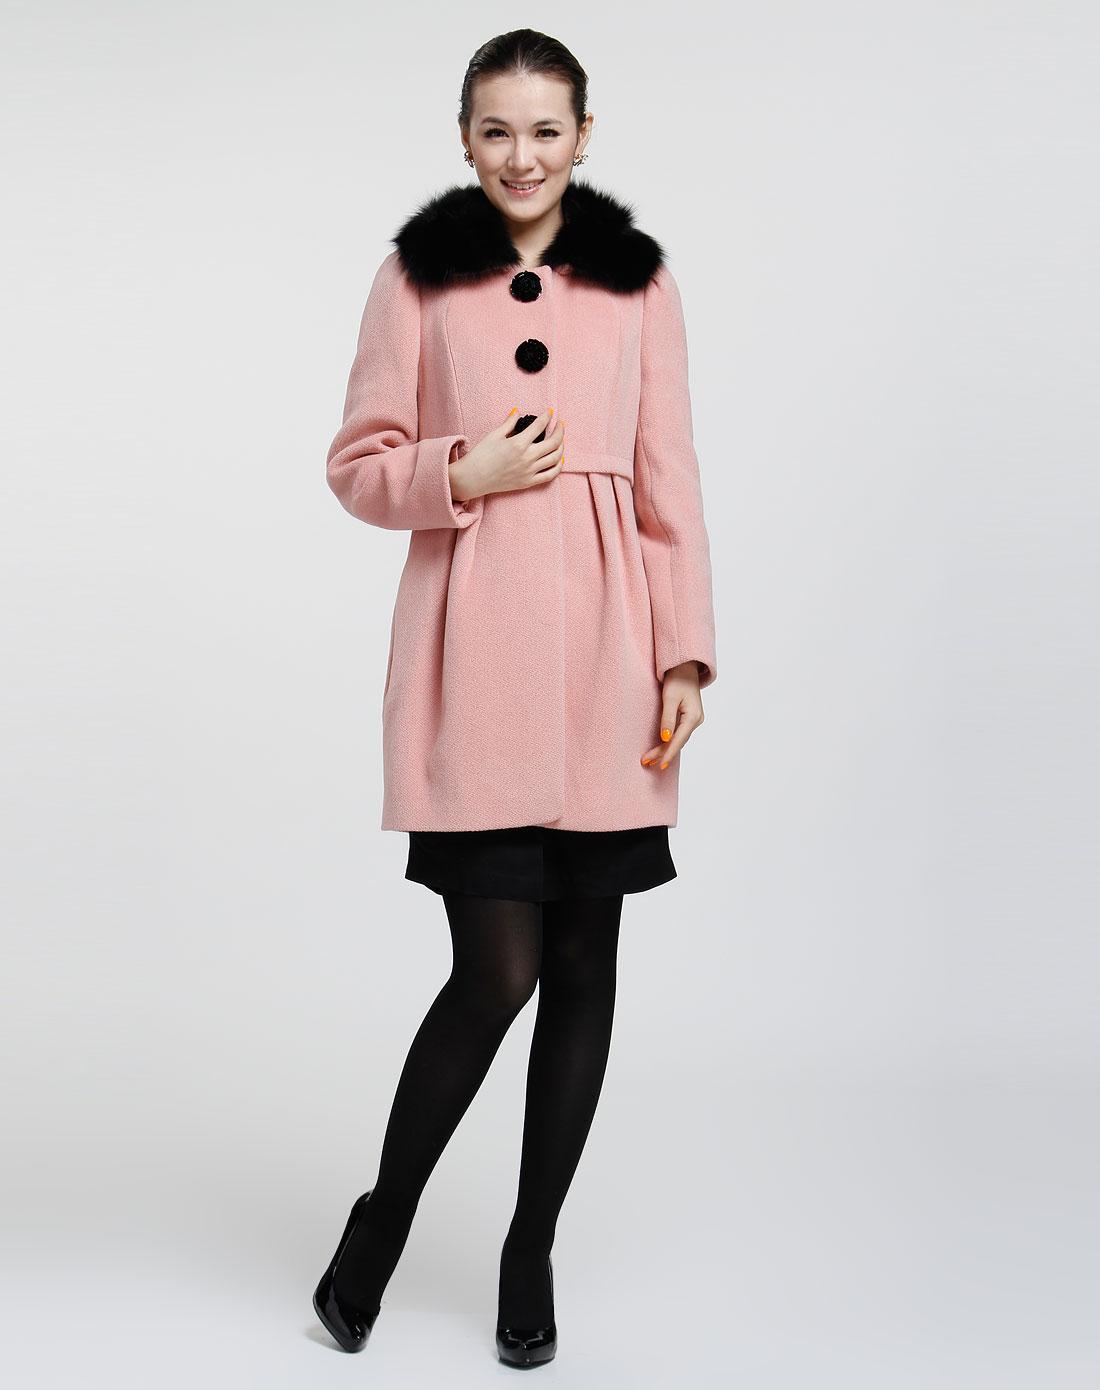 惠粉红_最后约惠-男女服饰专场-斯尔丽 女款粉红大衣